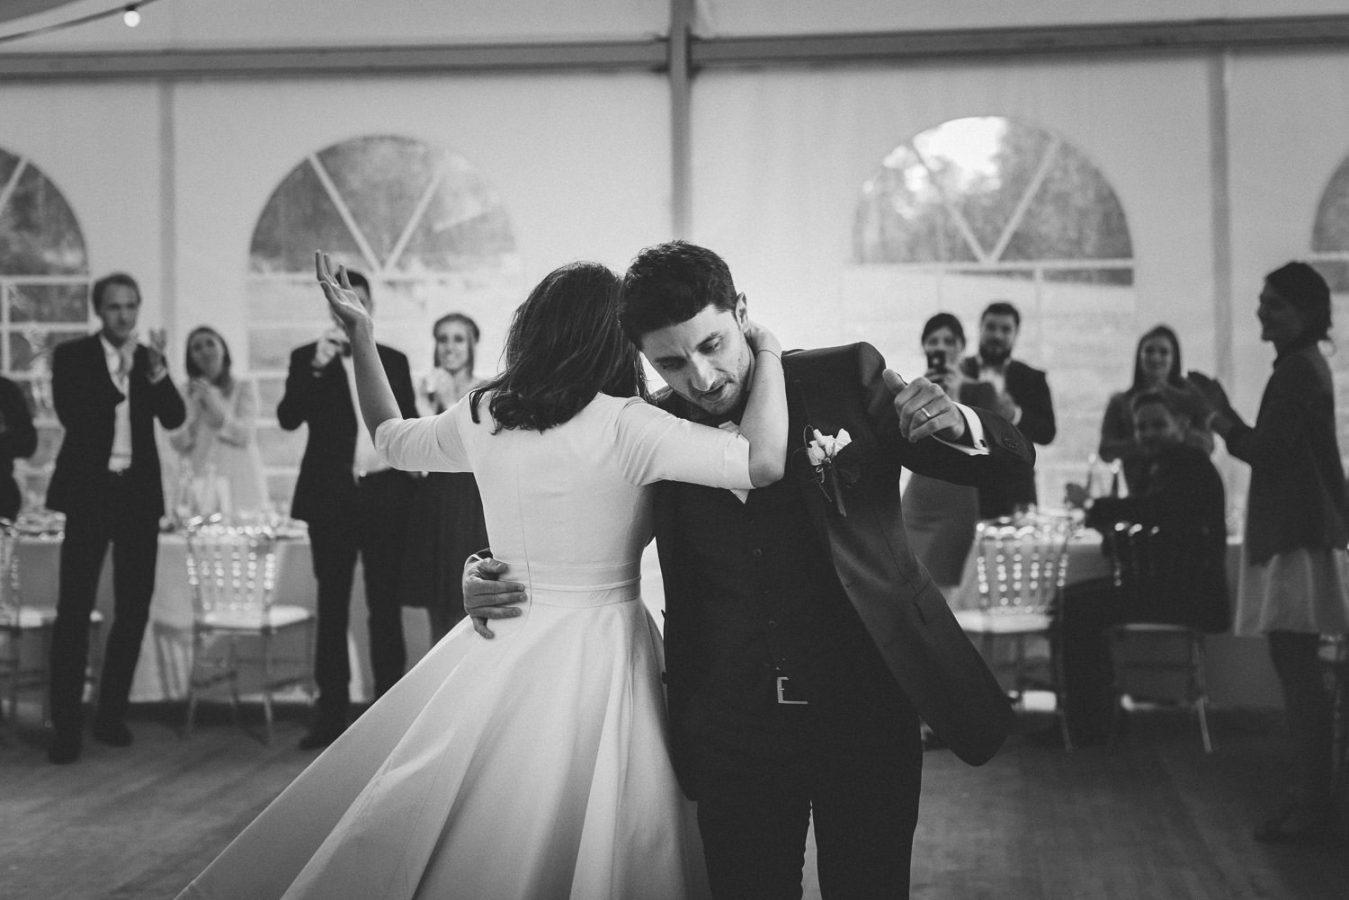 mariage-aux-allures-retro-dans-le-cantal-auvergne-priscilliahervier-photographe-421_mini